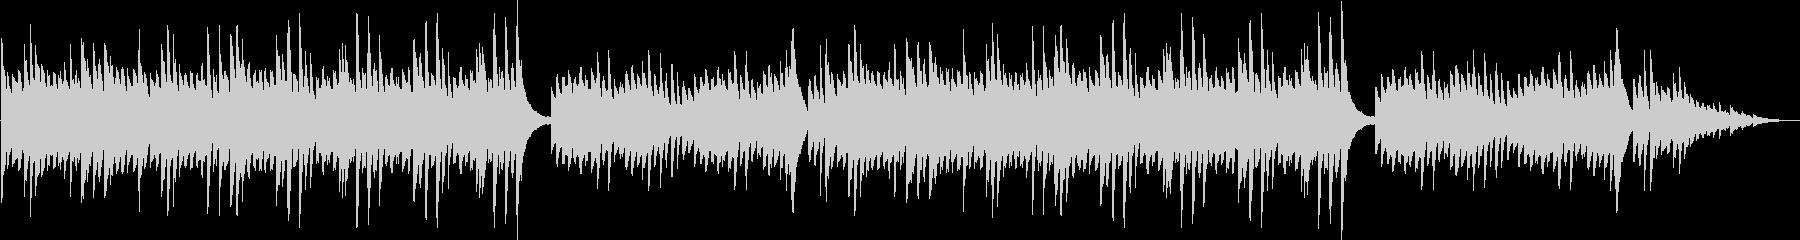 端正で繊細なピアノの伴奏曲の未再生の波形